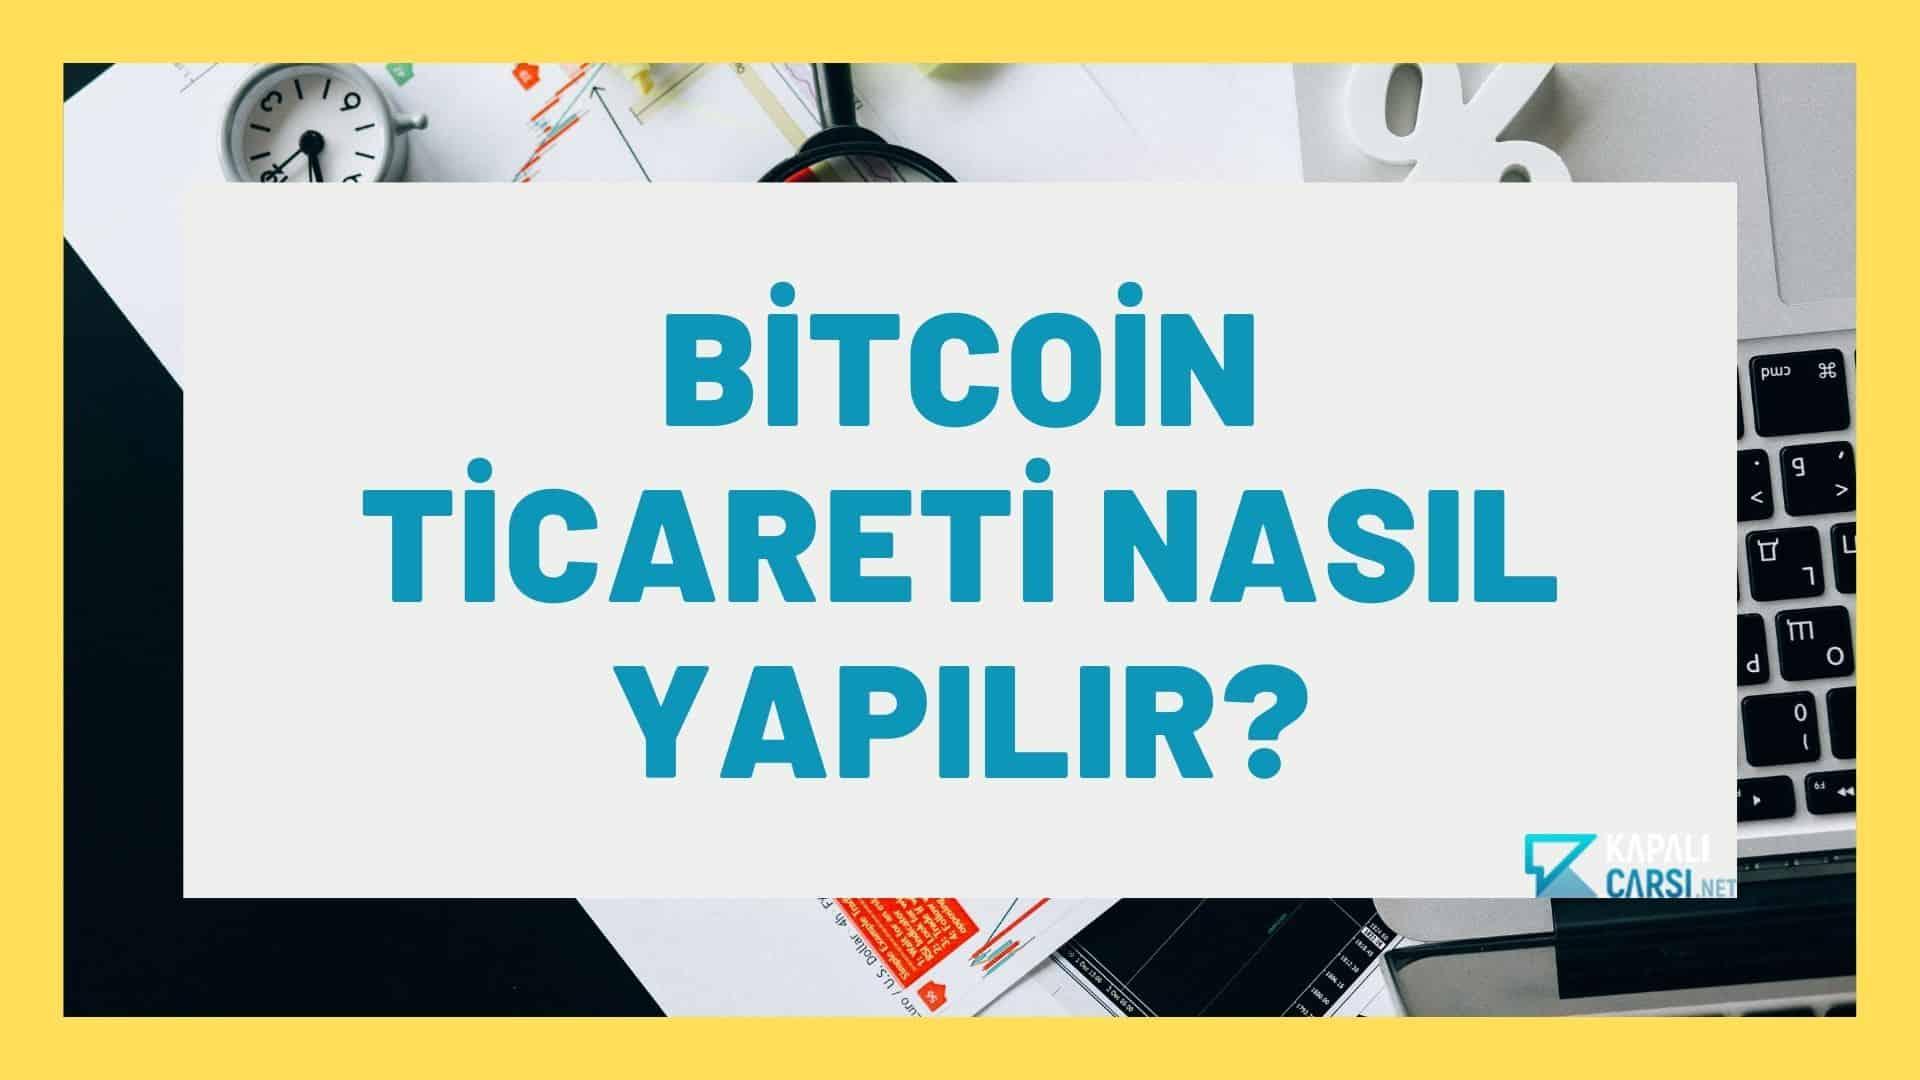 Bitcoin Ticareti Nasıl Yapılır?